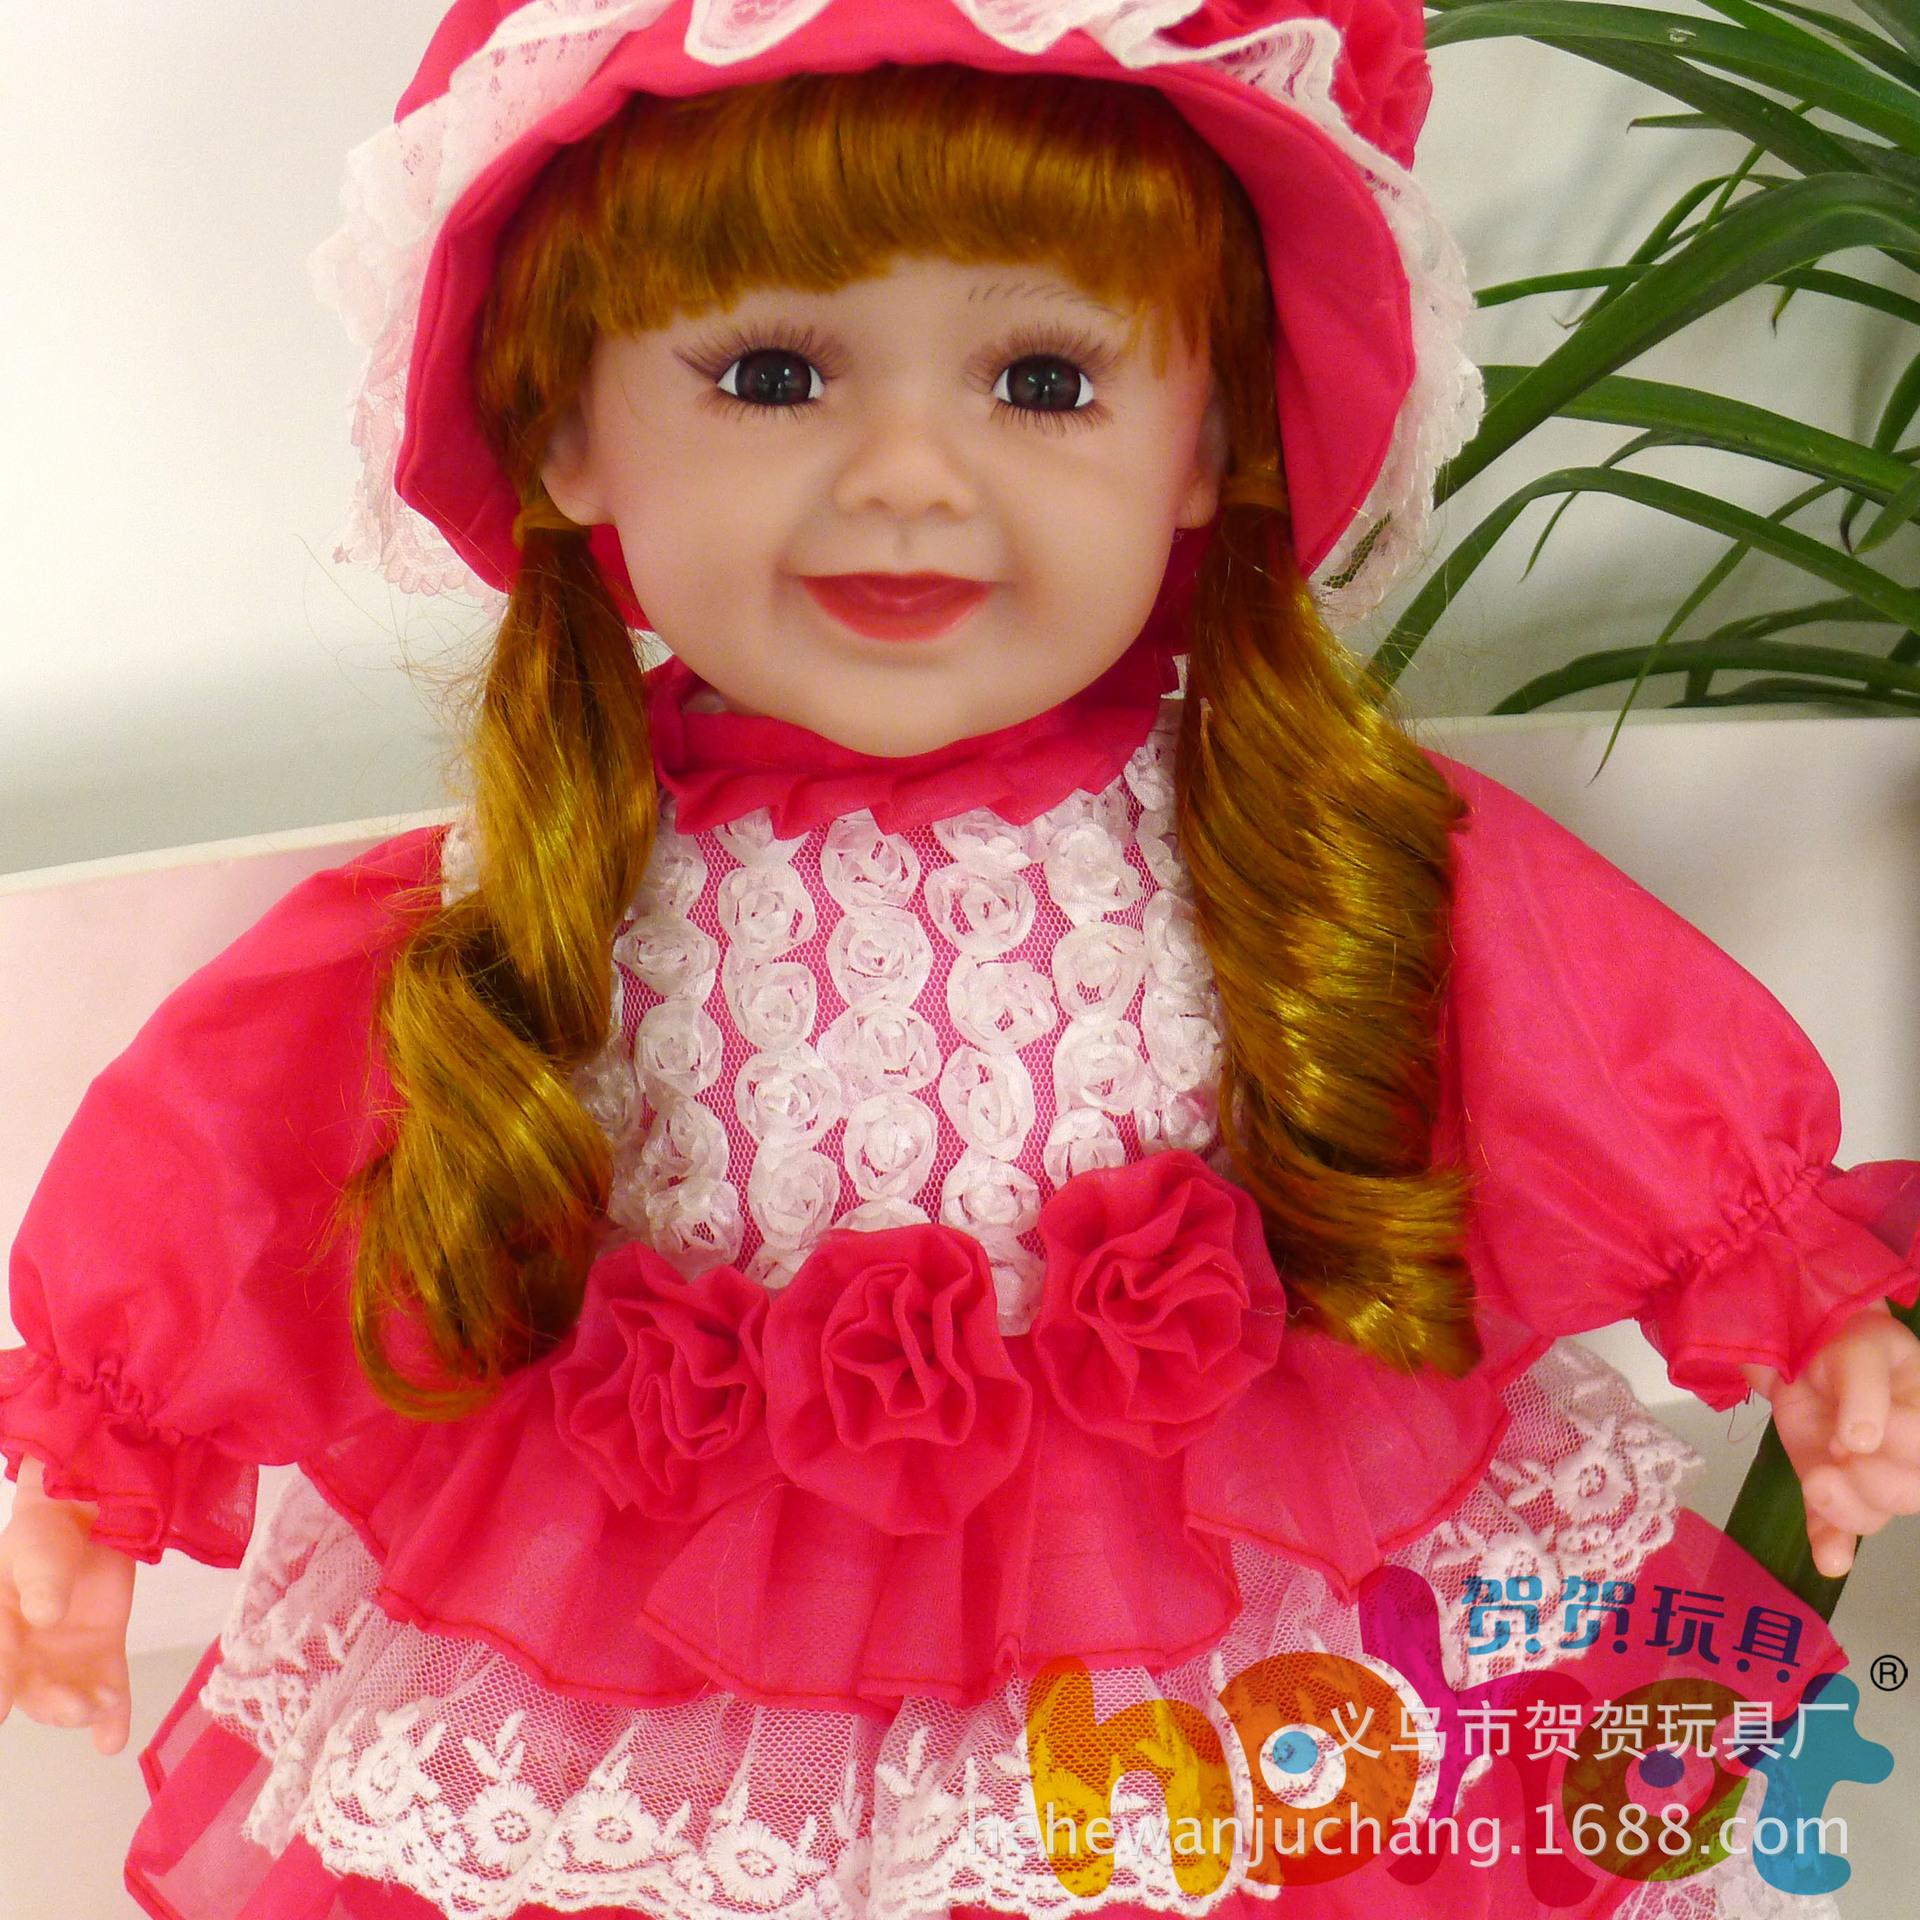 贺贺牌娃娃玩具加盟 贺贺牌娃娃玩具加盟多少钱 贺贺牌娃娃玩具连锁加盟店